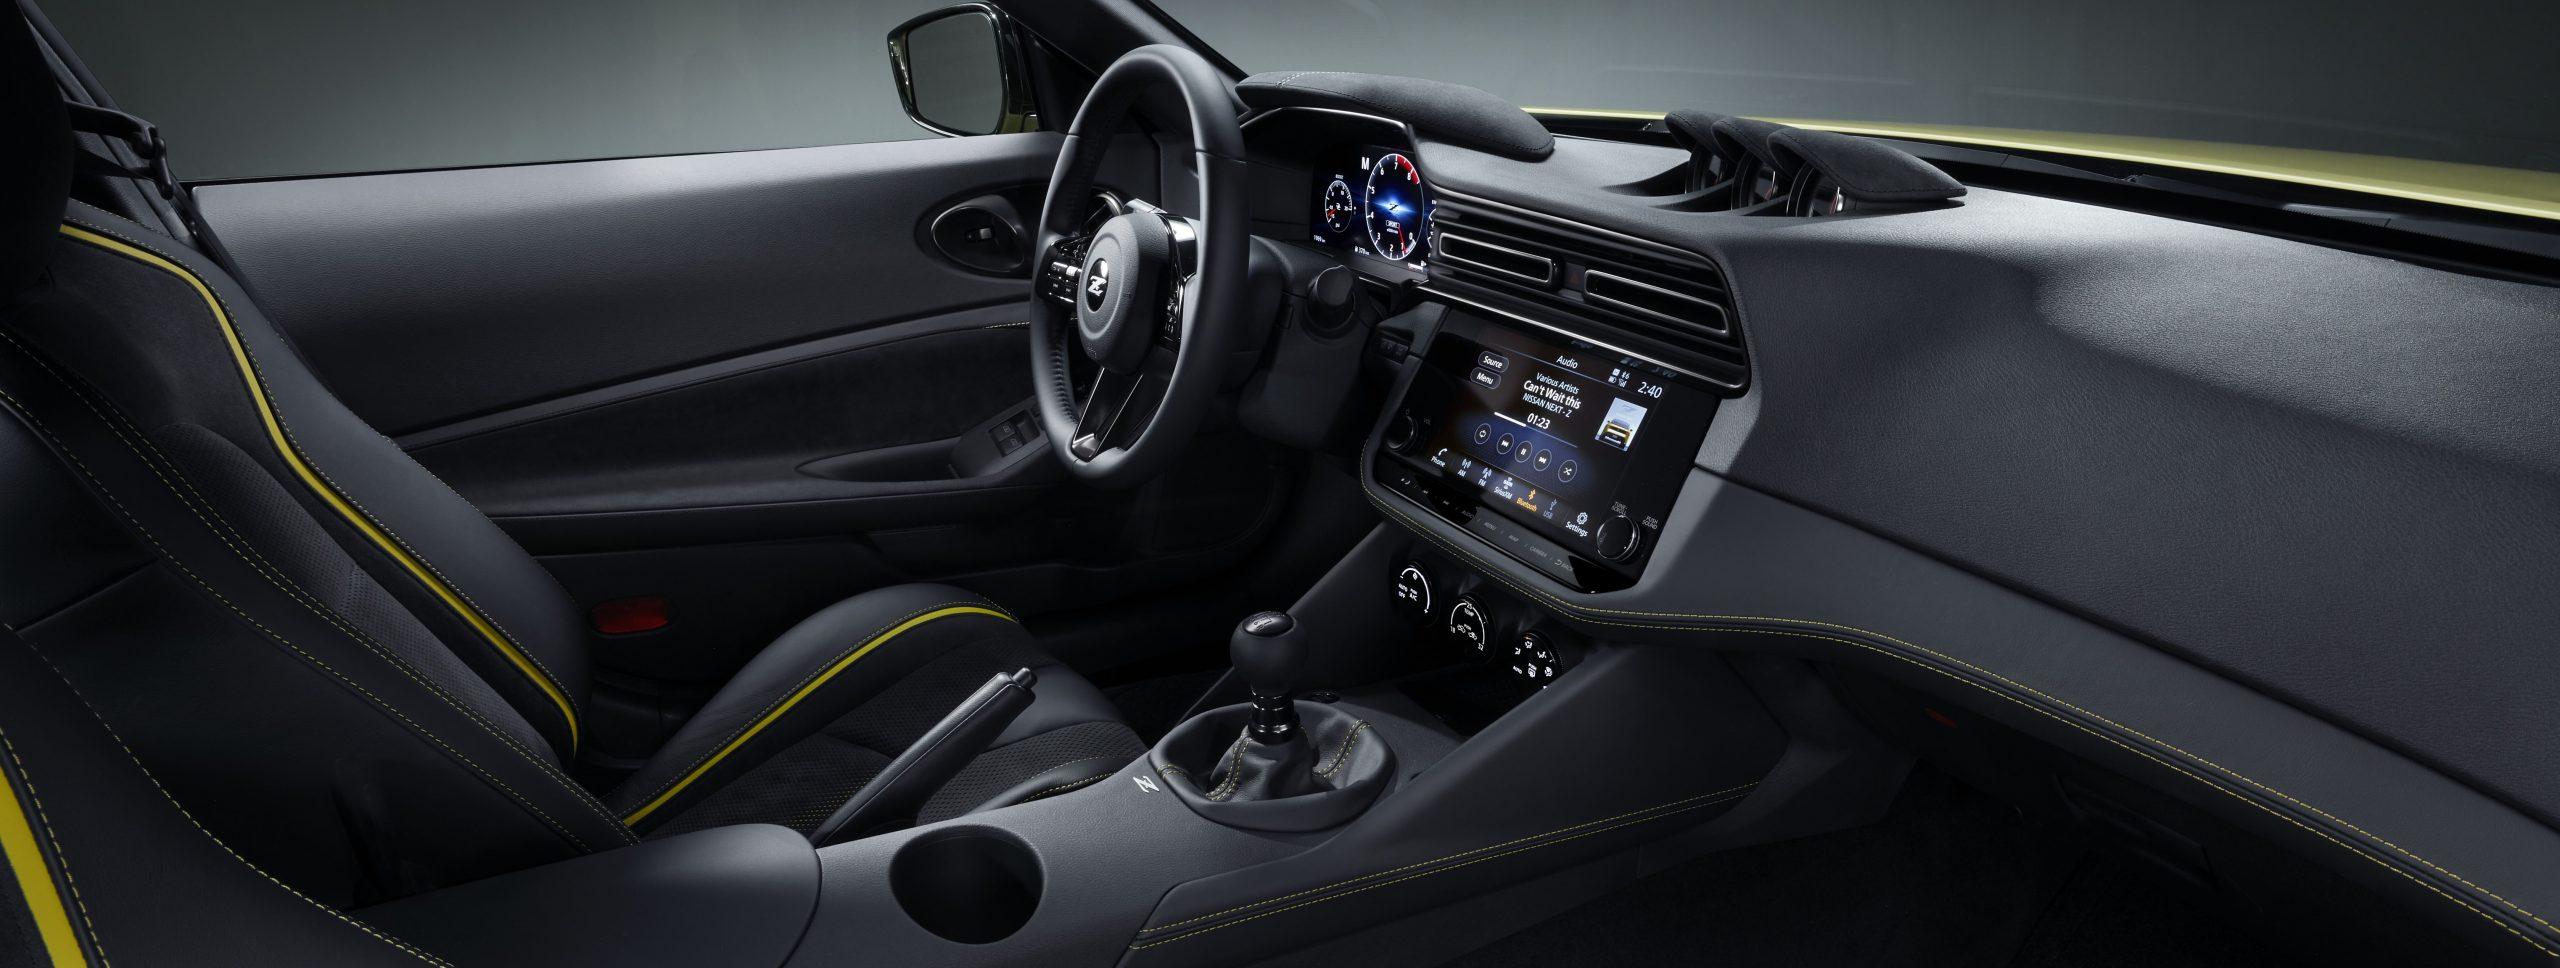 Nissan Z Sportscar